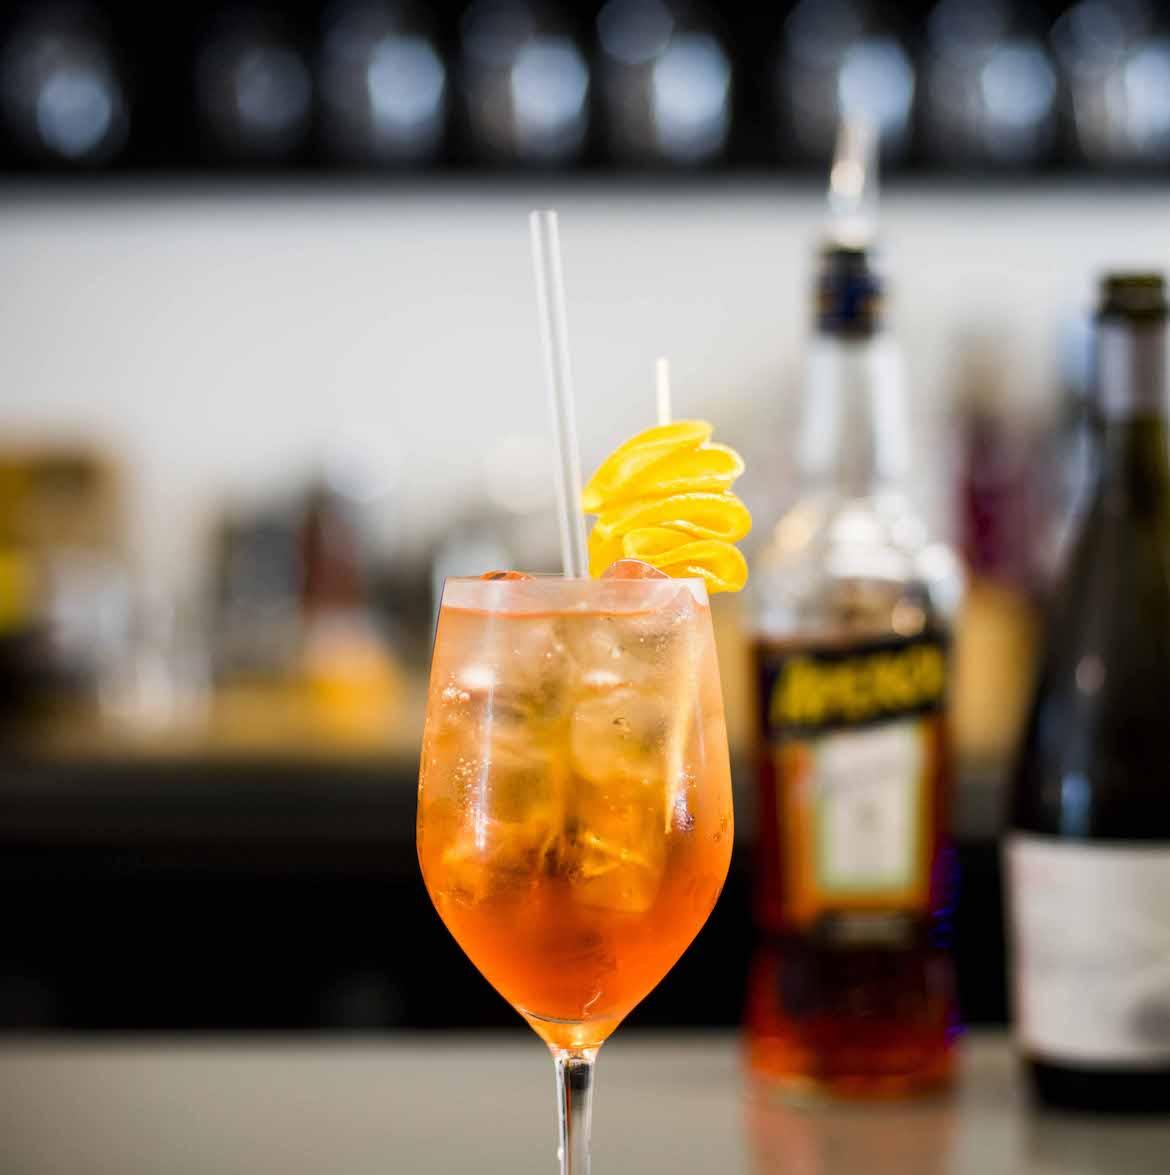 Cocktail at Young Barons. Photo: Lisa Haymes